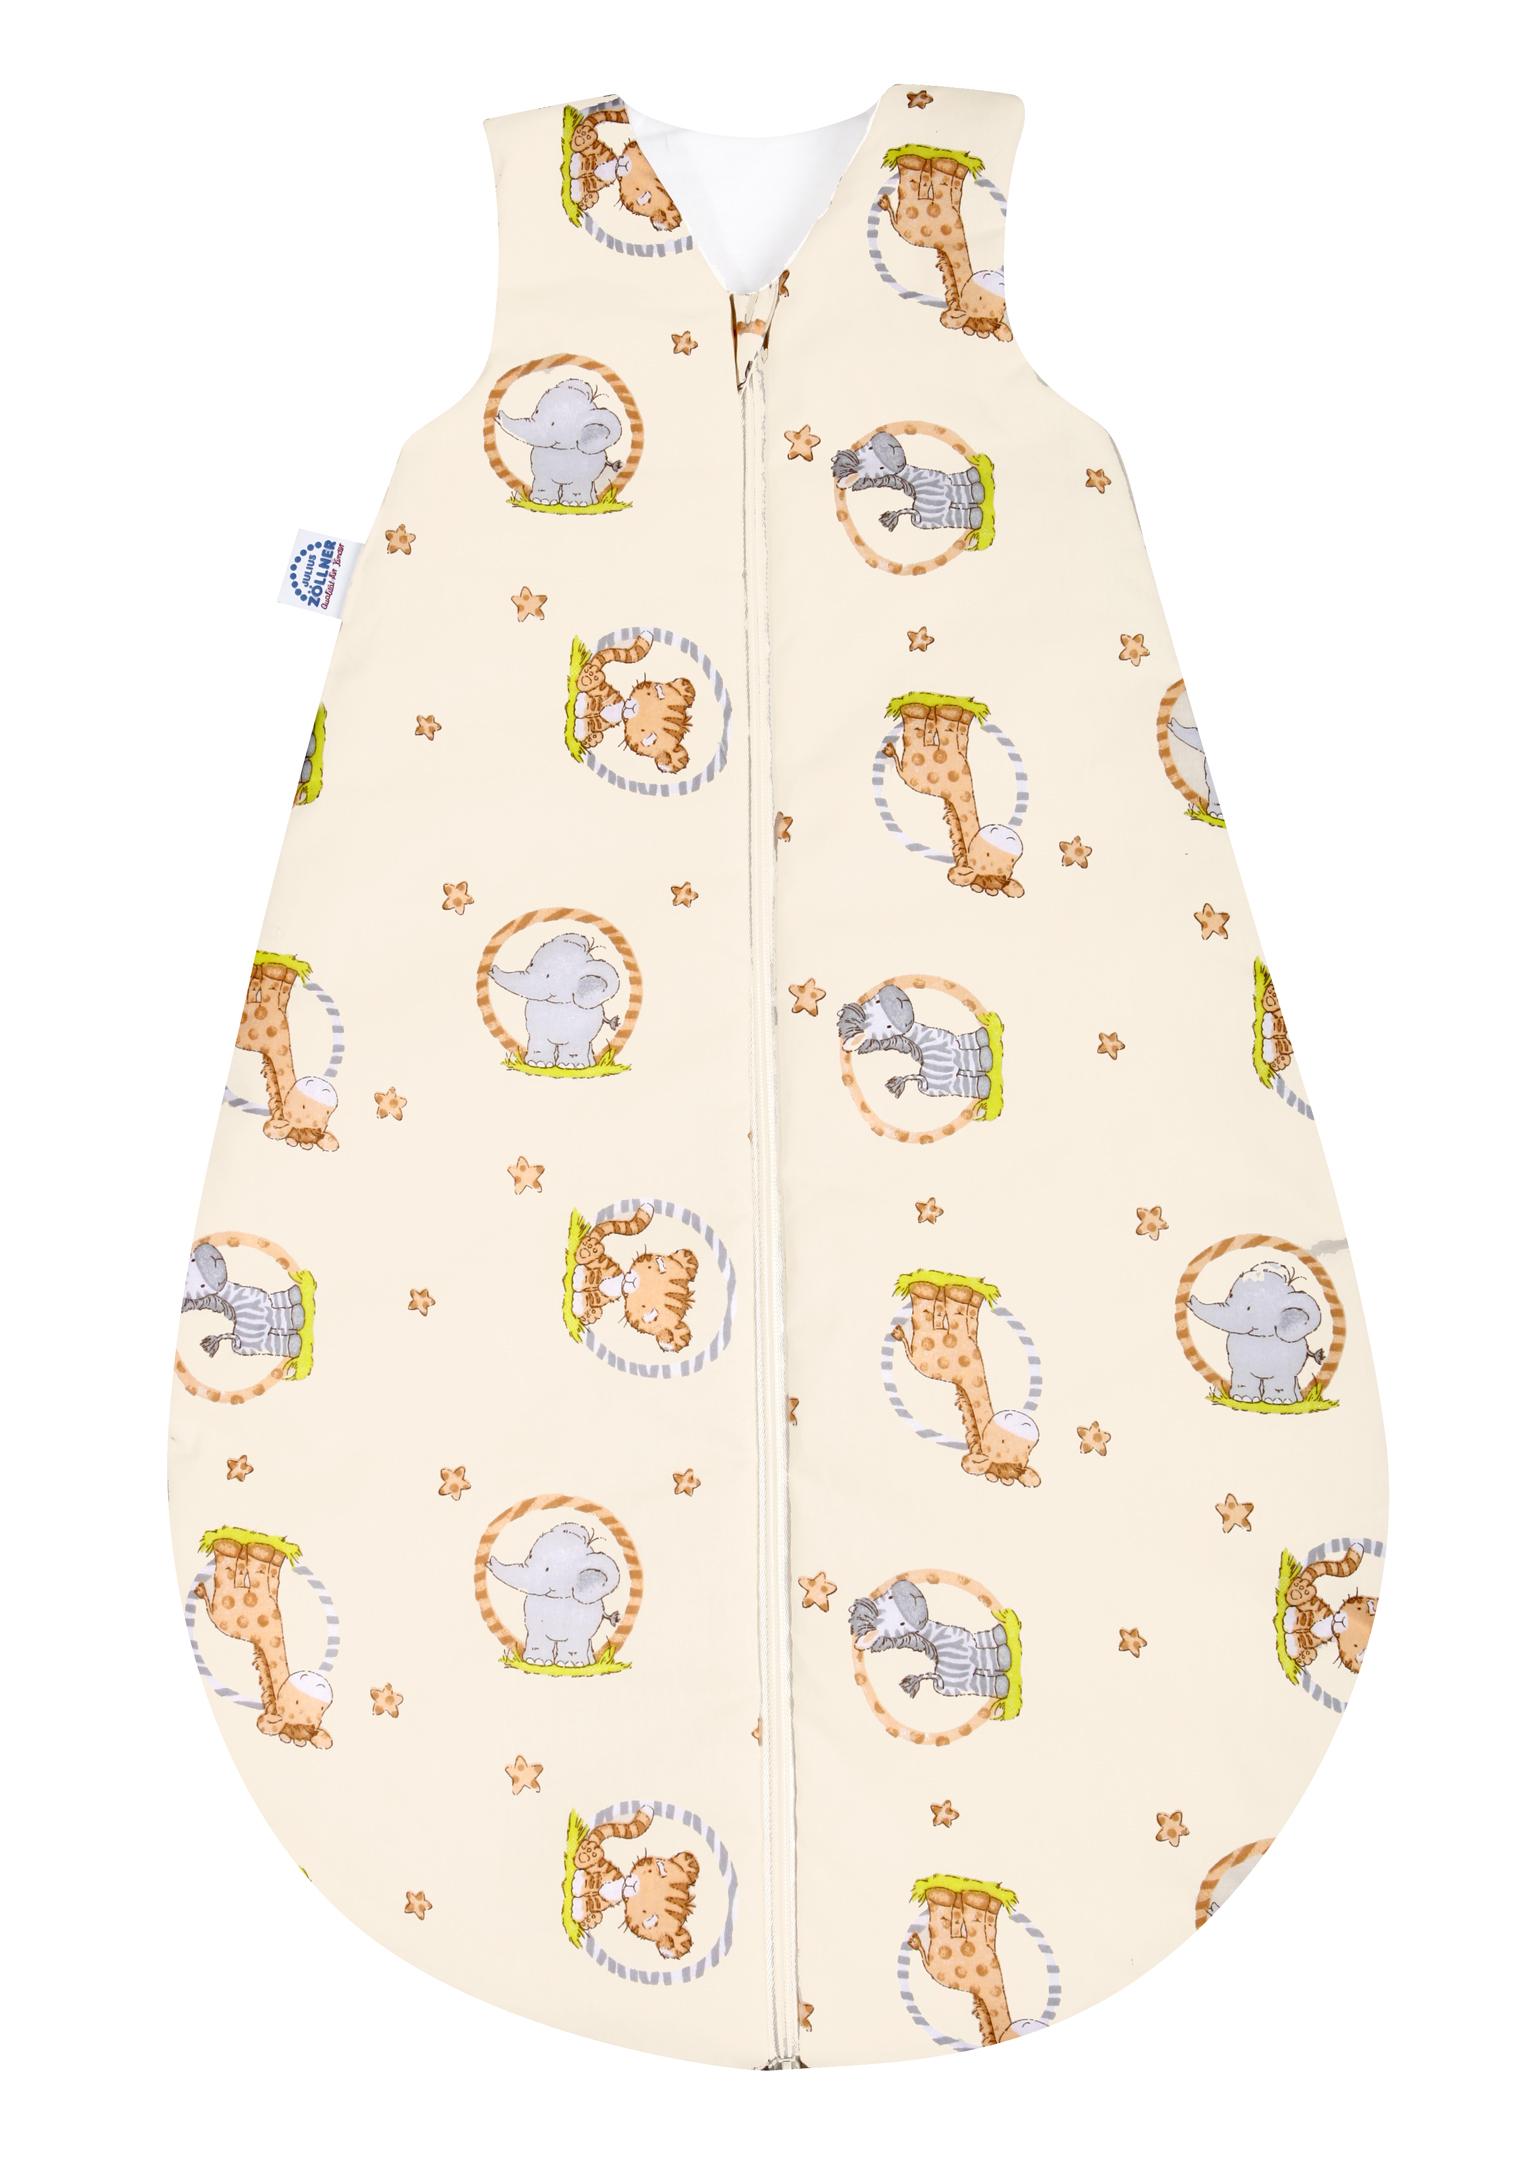 sommerschlafsack babyausstattung decke schlafsack kapuzenbadetuch f r baby. Black Bedroom Furniture Sets. Home Design Ideas